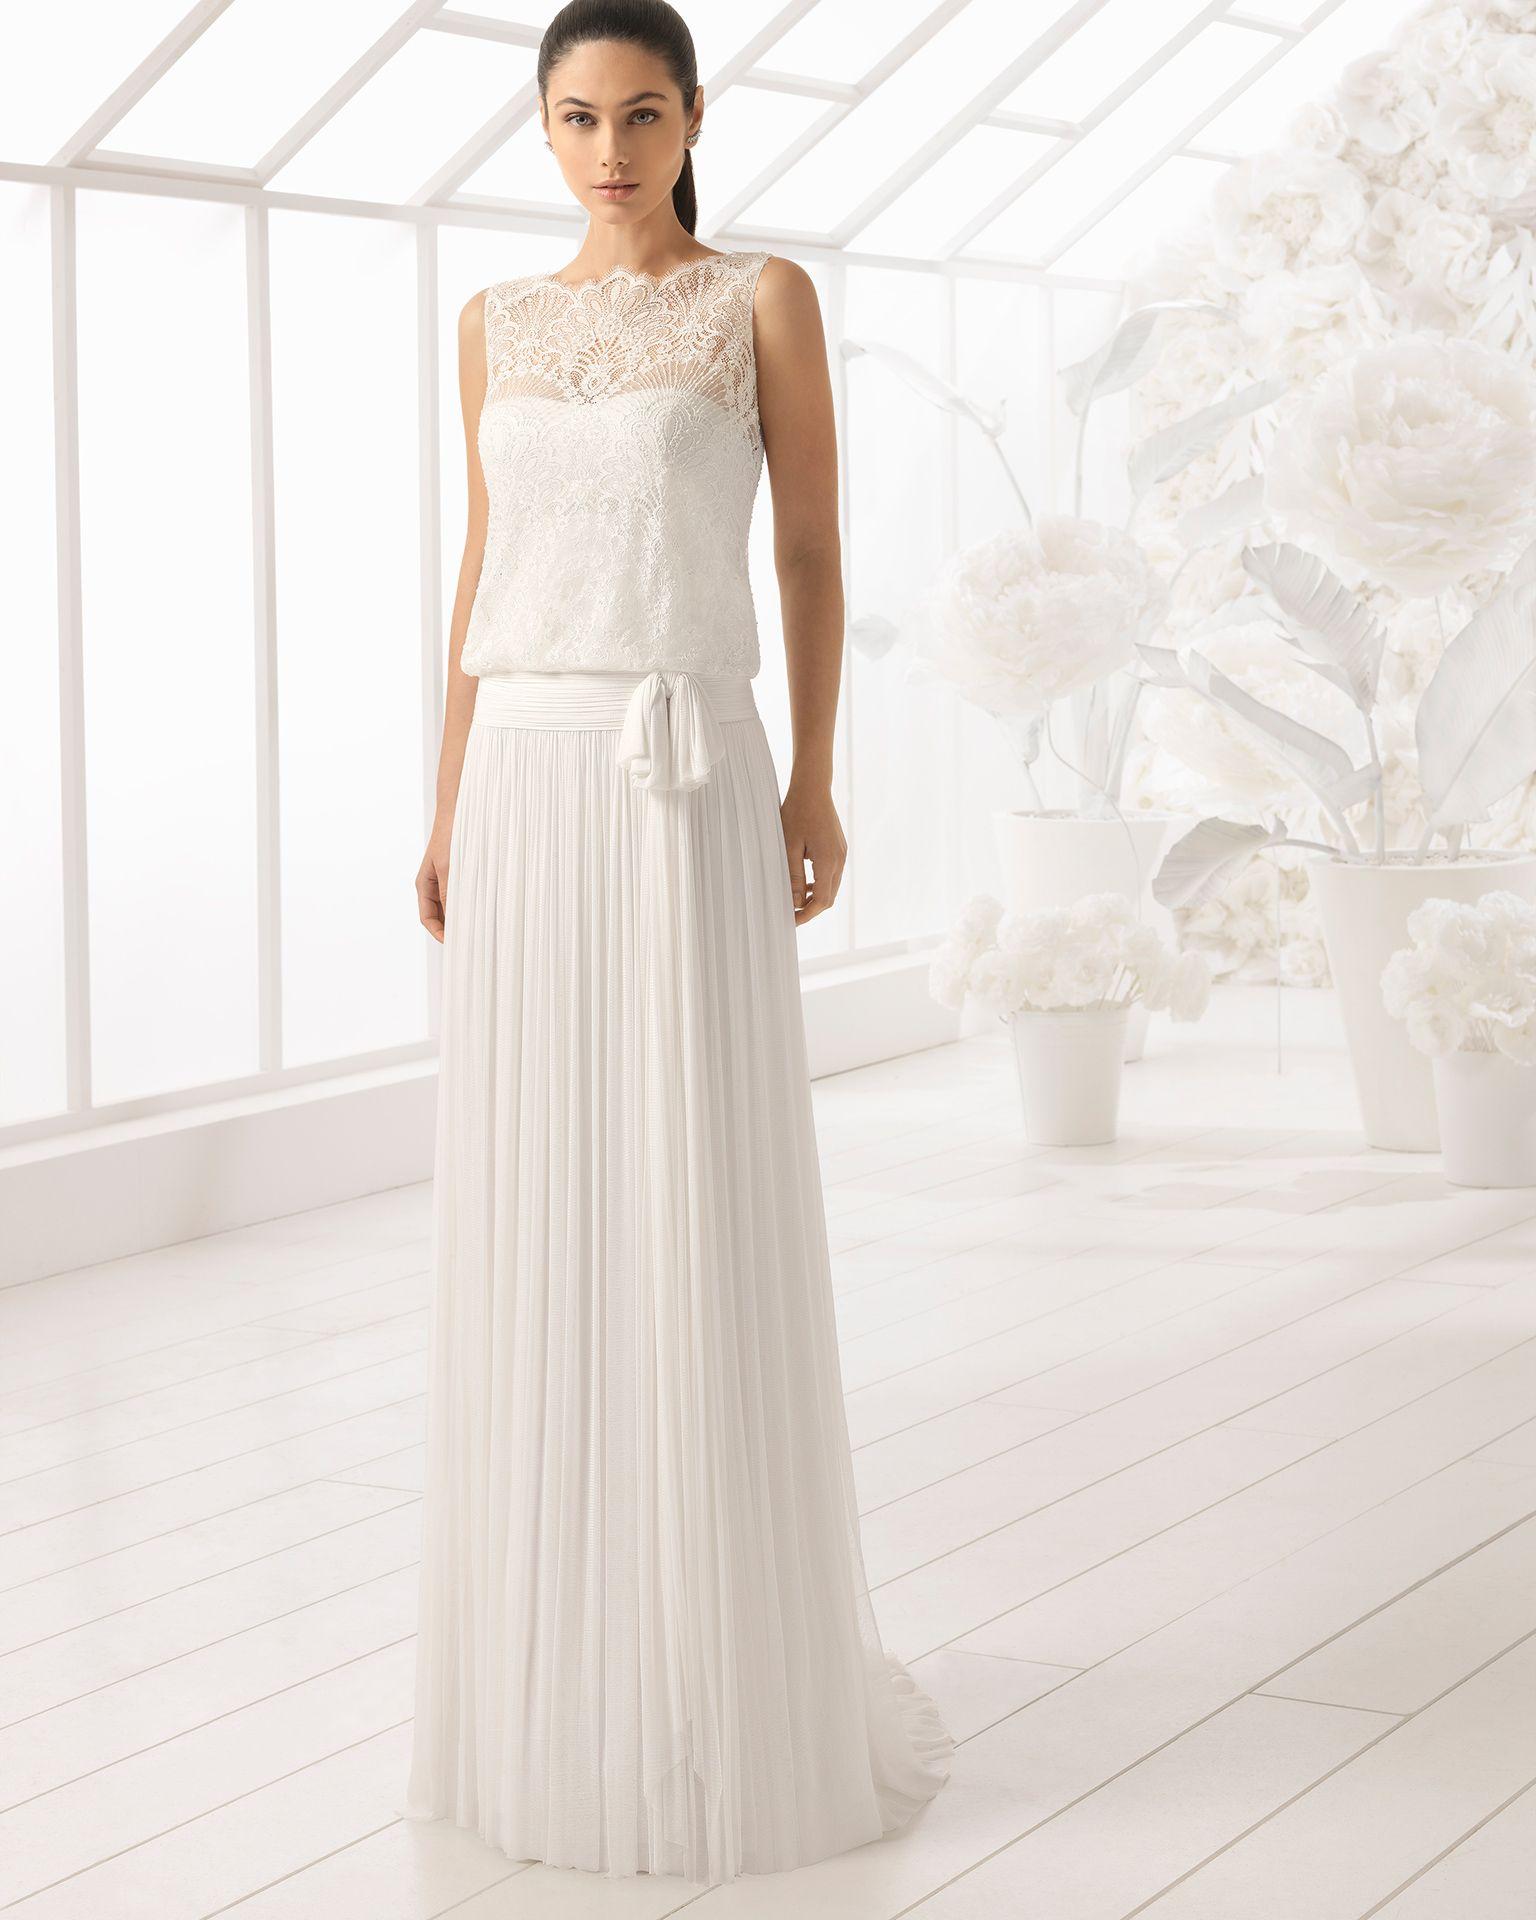 155e6942cf53d Vestido de novia estilo boho en muselina de seda y encaje pedrería. Colección  2018 Rosa Clará Soft.